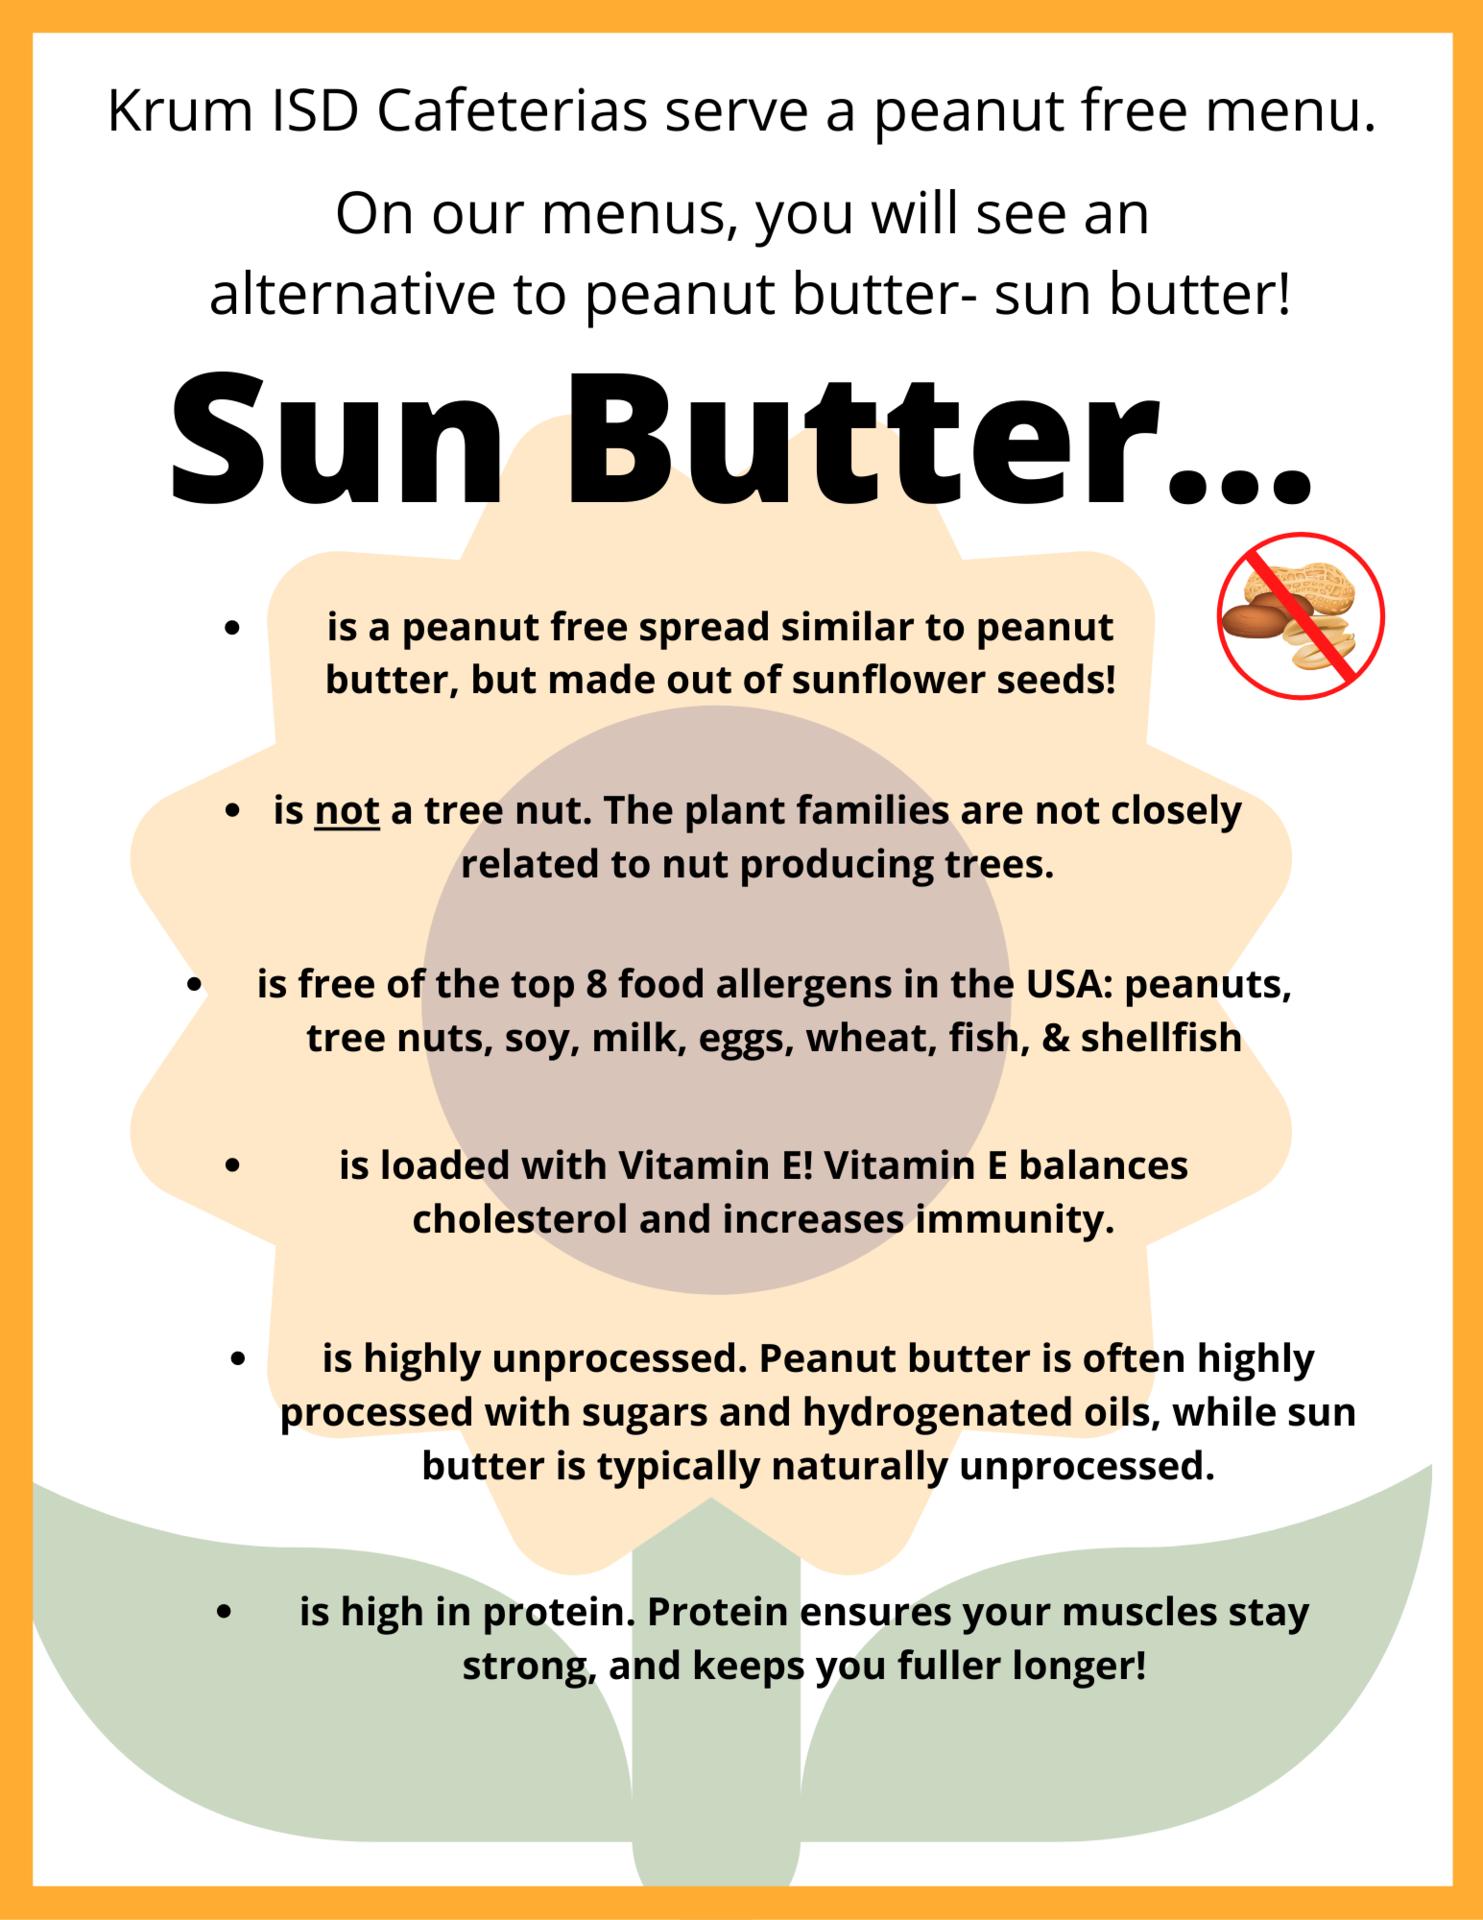 sun butter info graphic